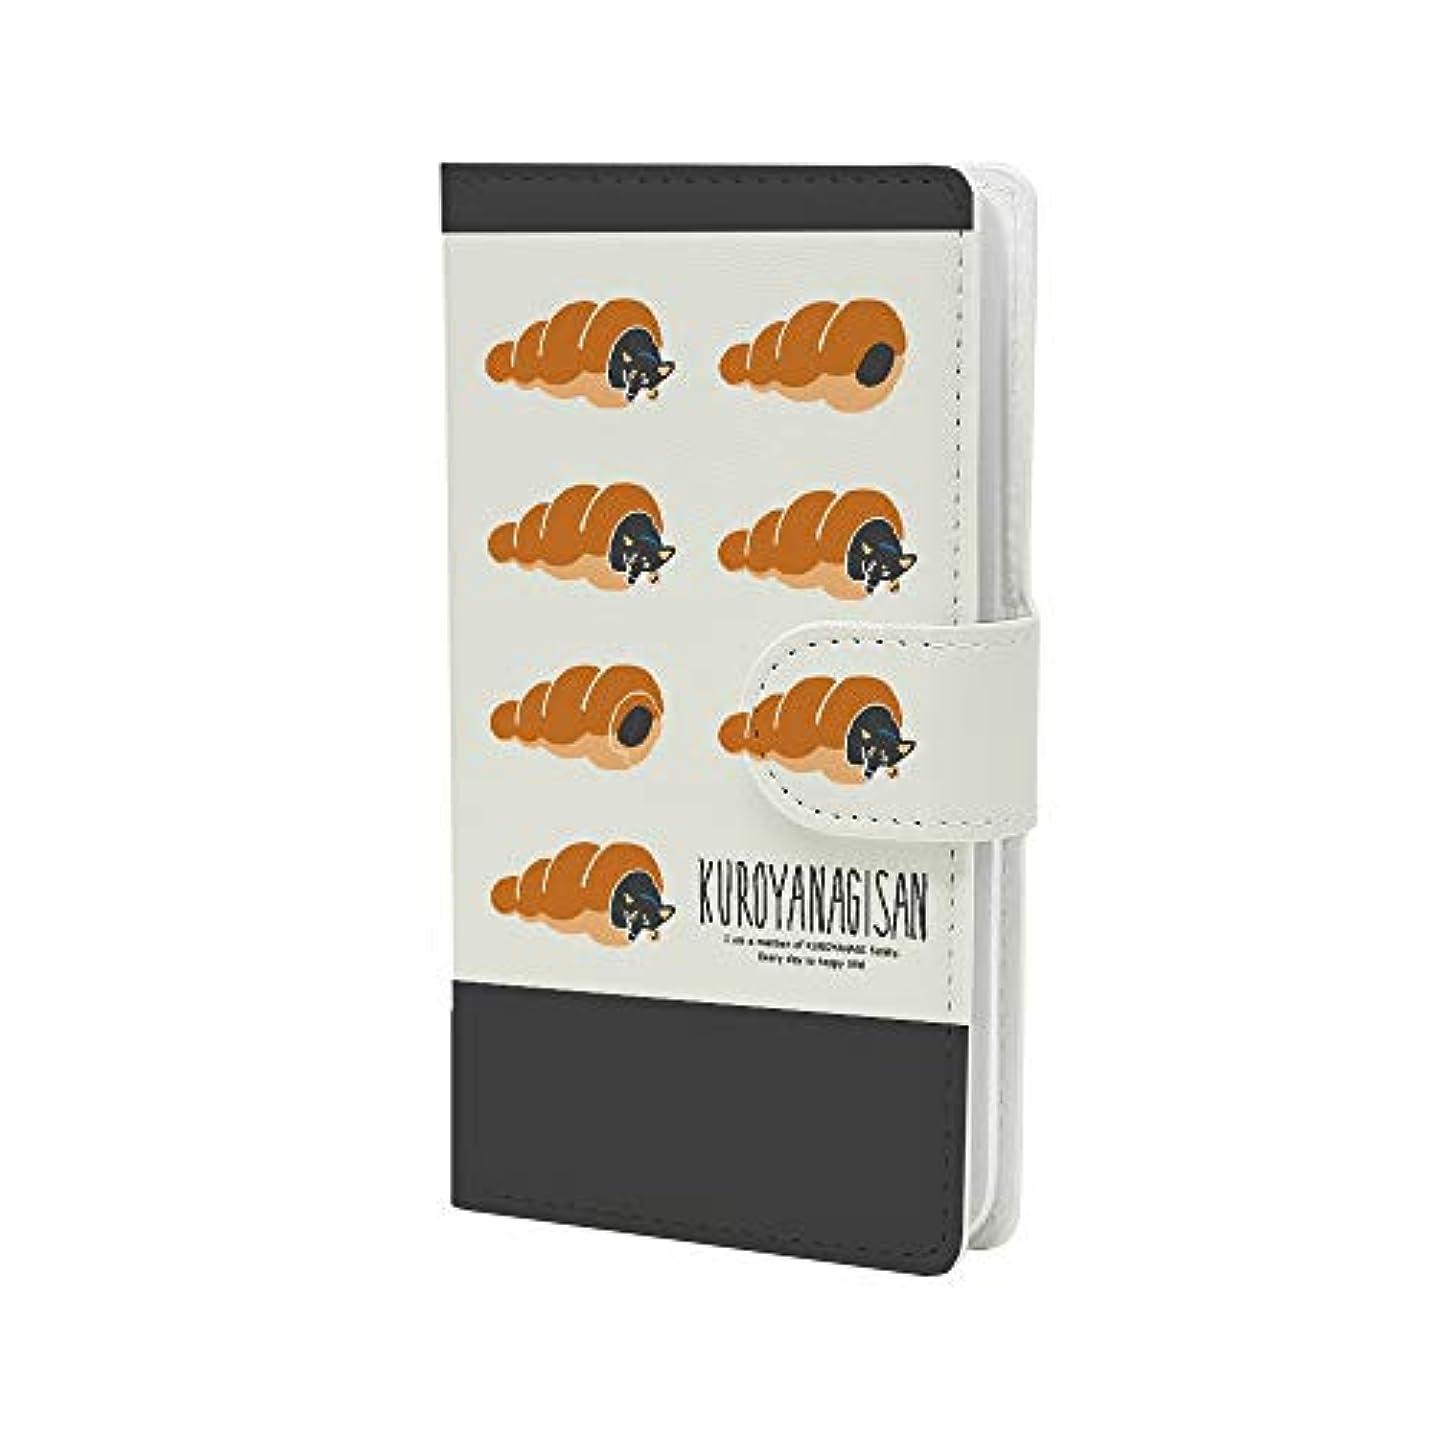 記者等々限りmitas FREETEL REI ケース 手帳型 しばたさん くろやなぎさん デザイン (236) フレンズヒル vol.7 B くろやなぎコロネ ERL-027-SC-6007-B/REI